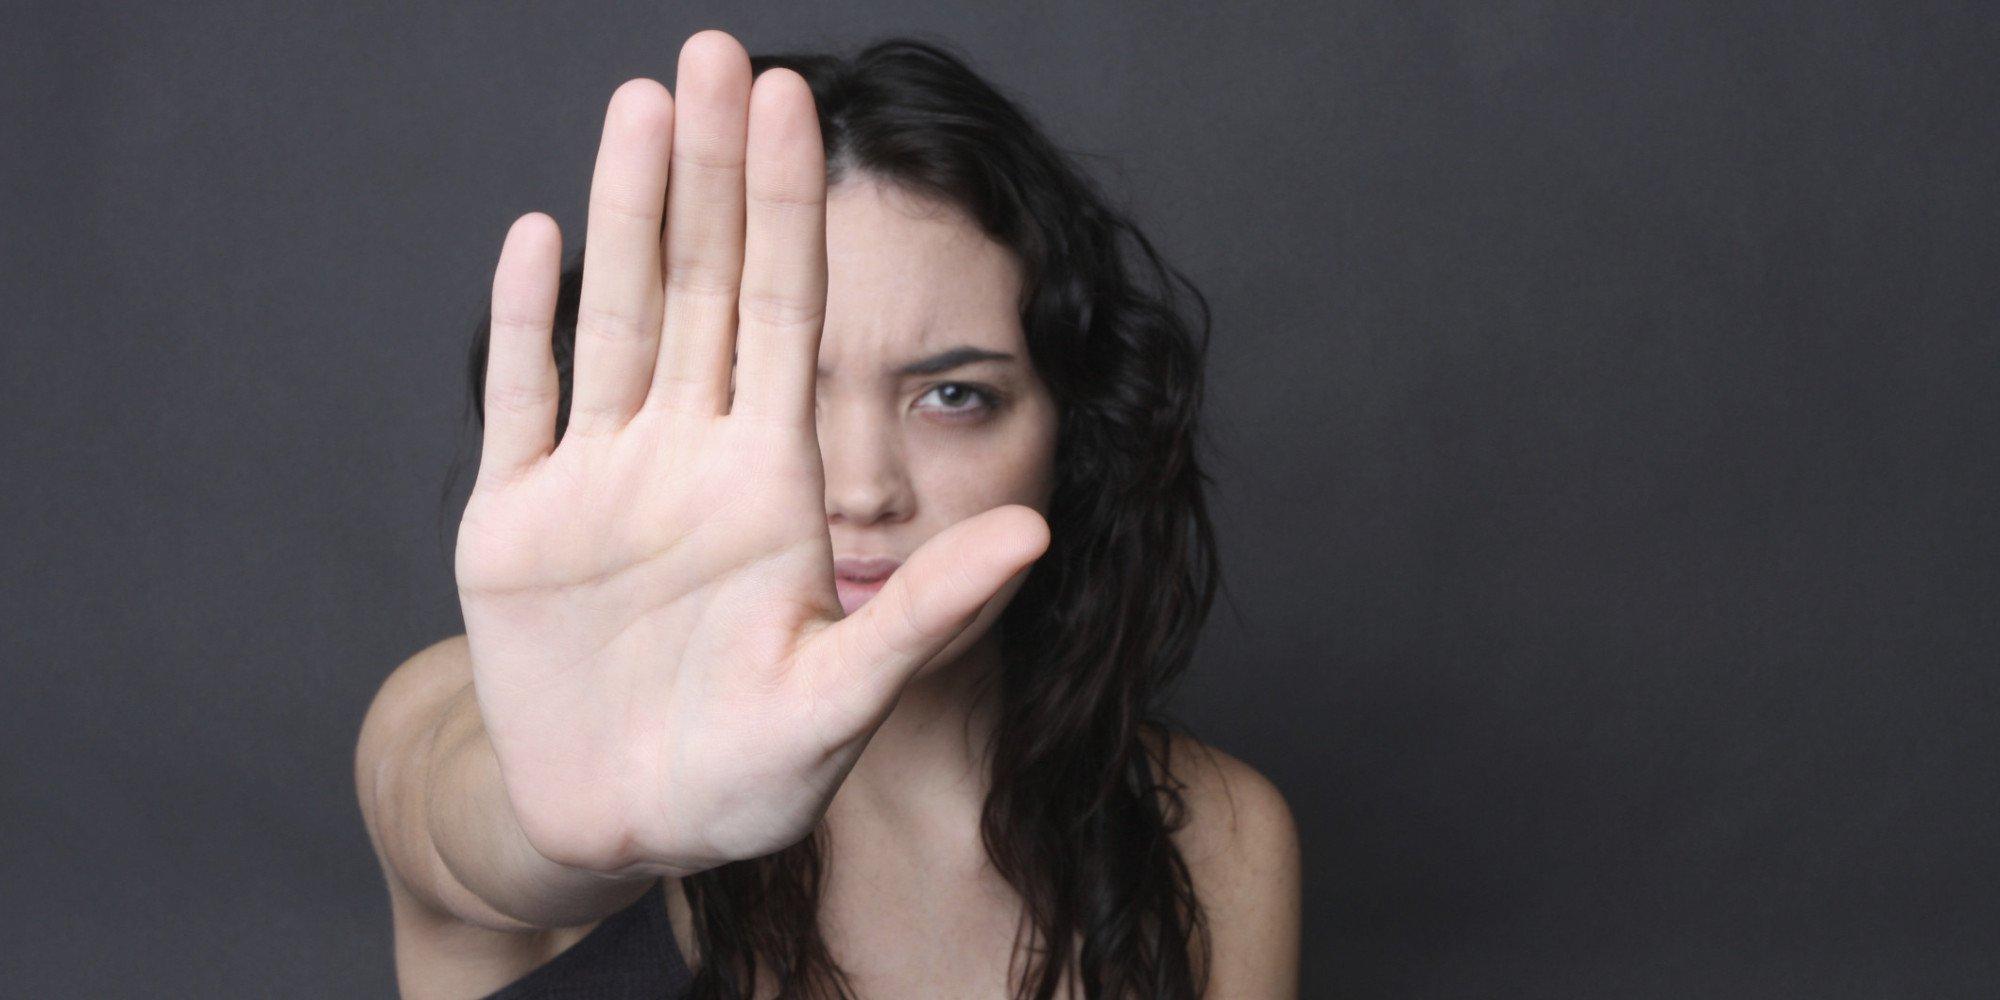 Governo define diretrizes para atendimento a vítimas de violência sexual